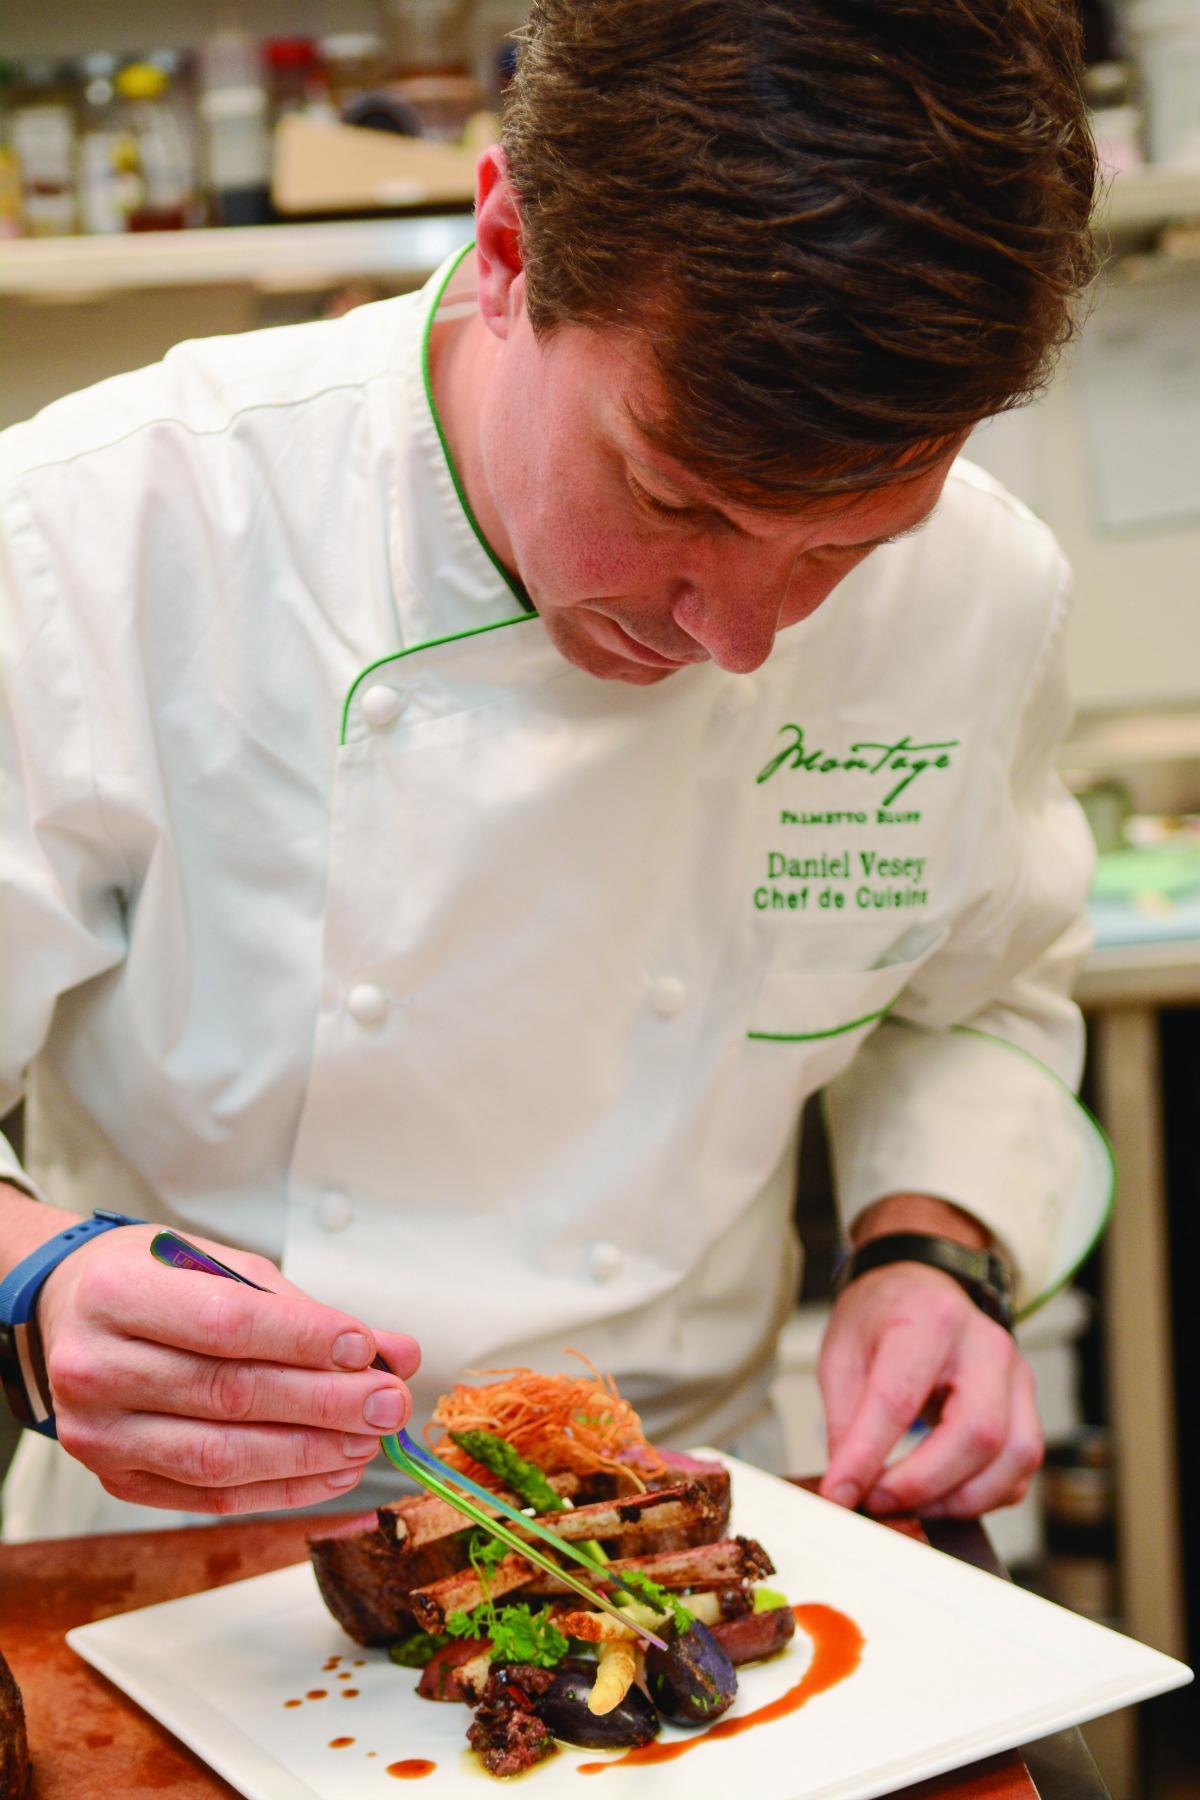 Chef de Cuisine Daniel Vesey